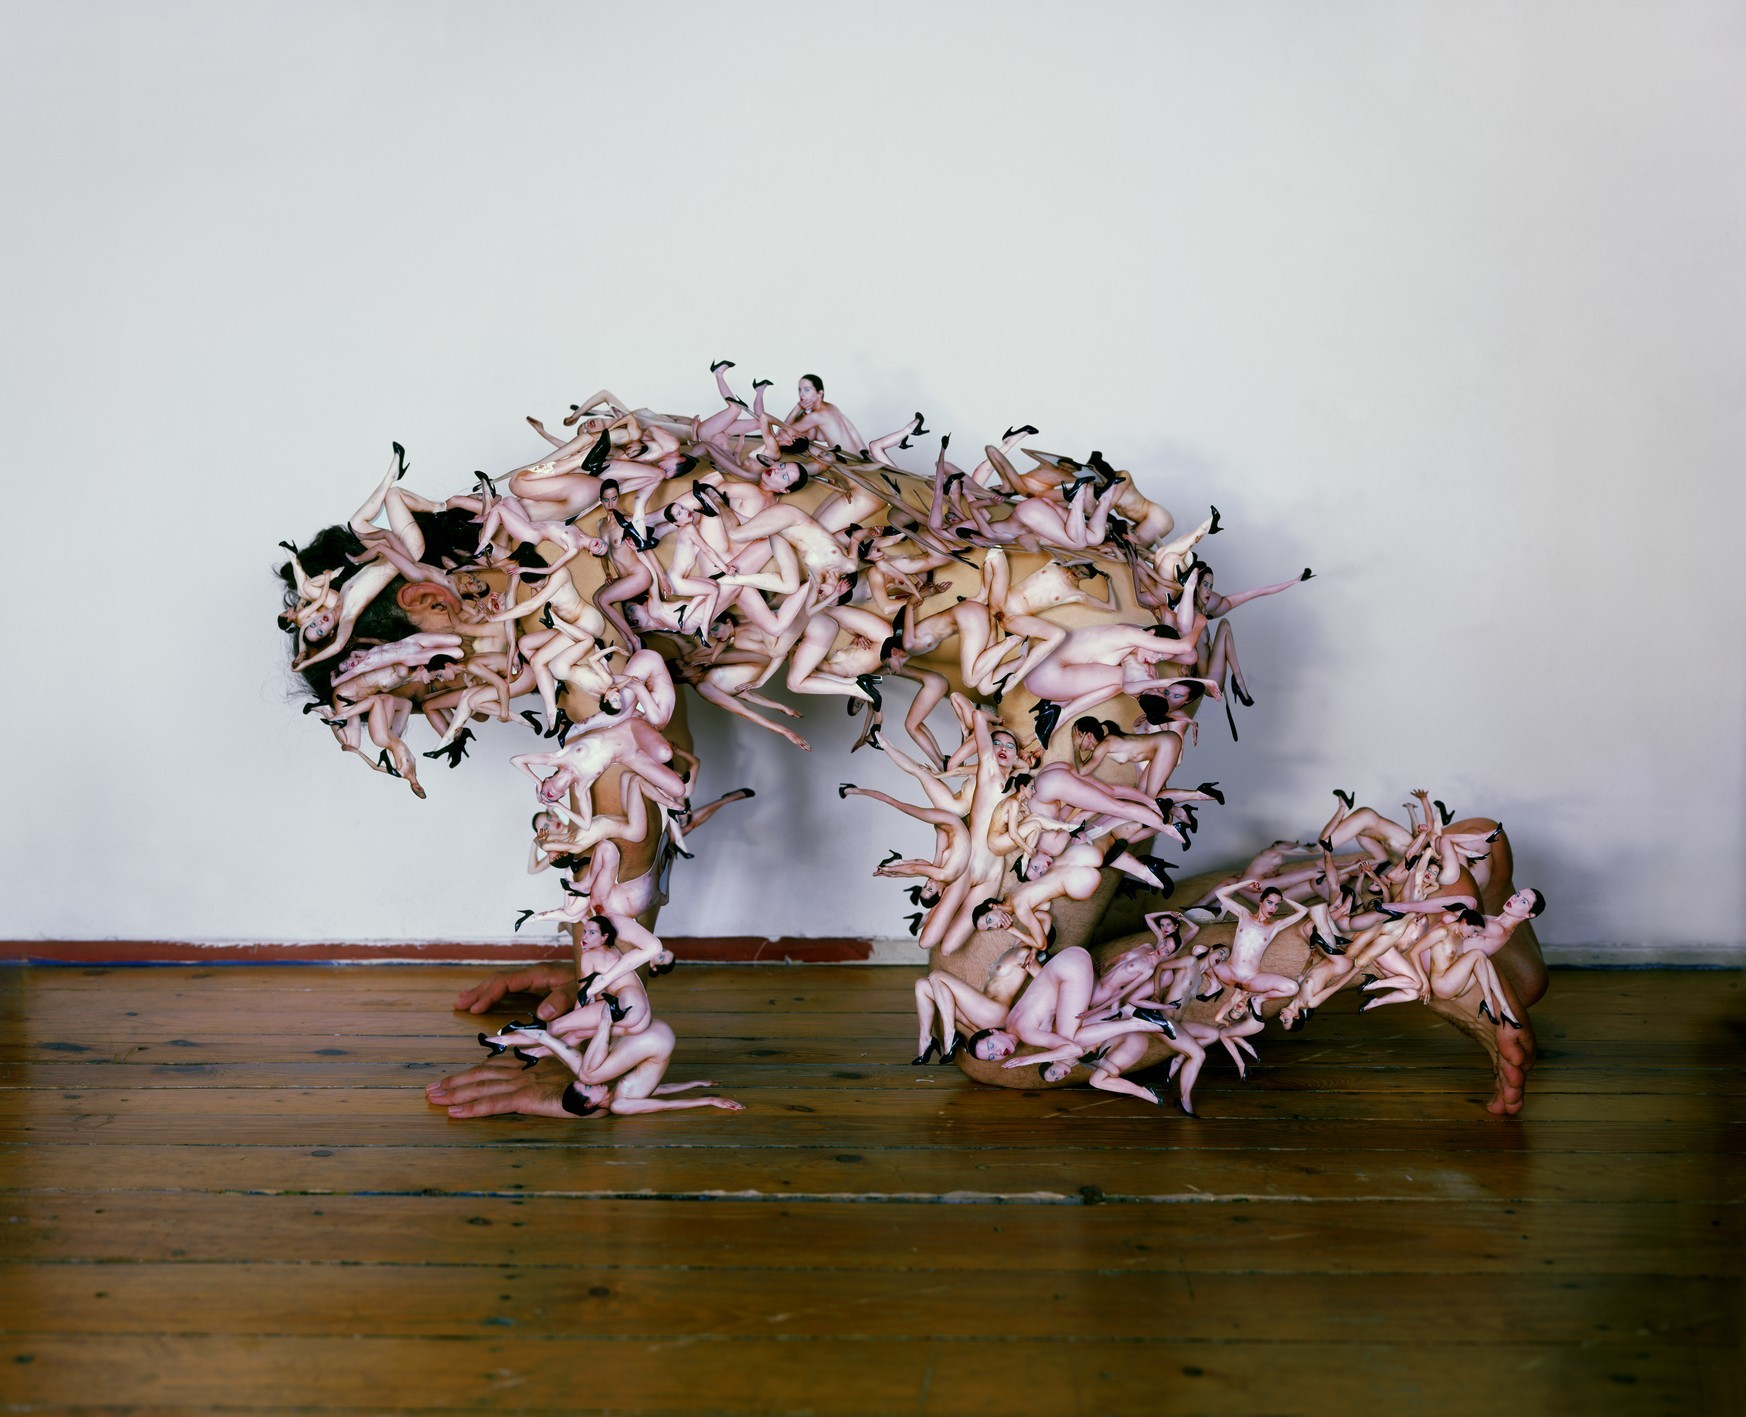 Aneta Grzeszykowska iJan Smaga, Beztytułu (Pies), 2008, dzięki uprzejmości artystów